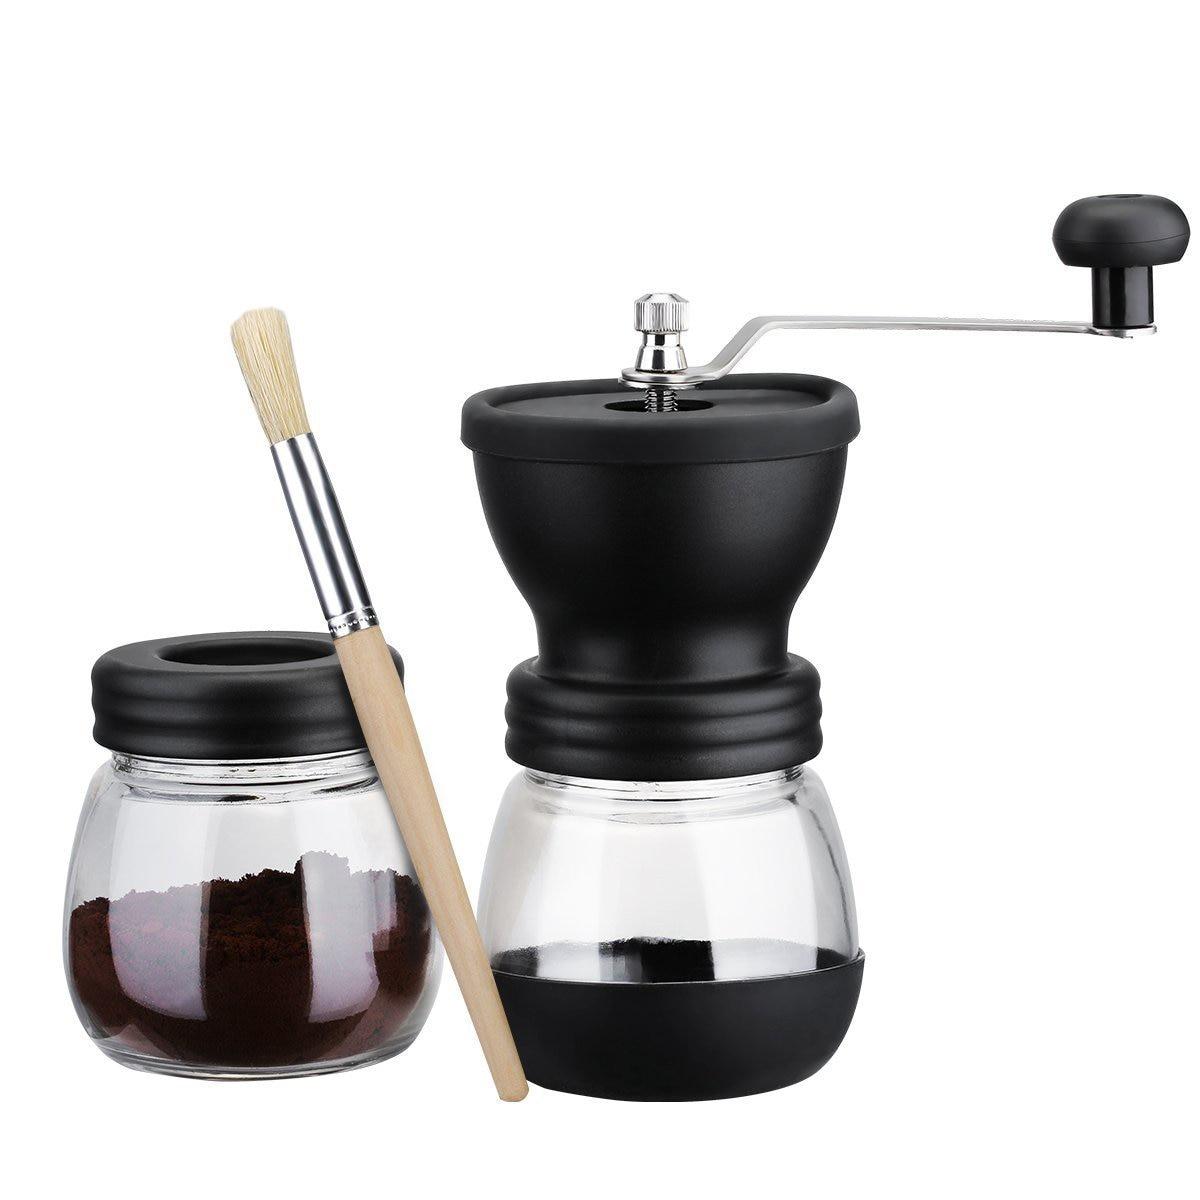 ホット手動コーヒーグラインダーで保存瓶ソフトブラシ円錐セラミックバリ静音とポータブル